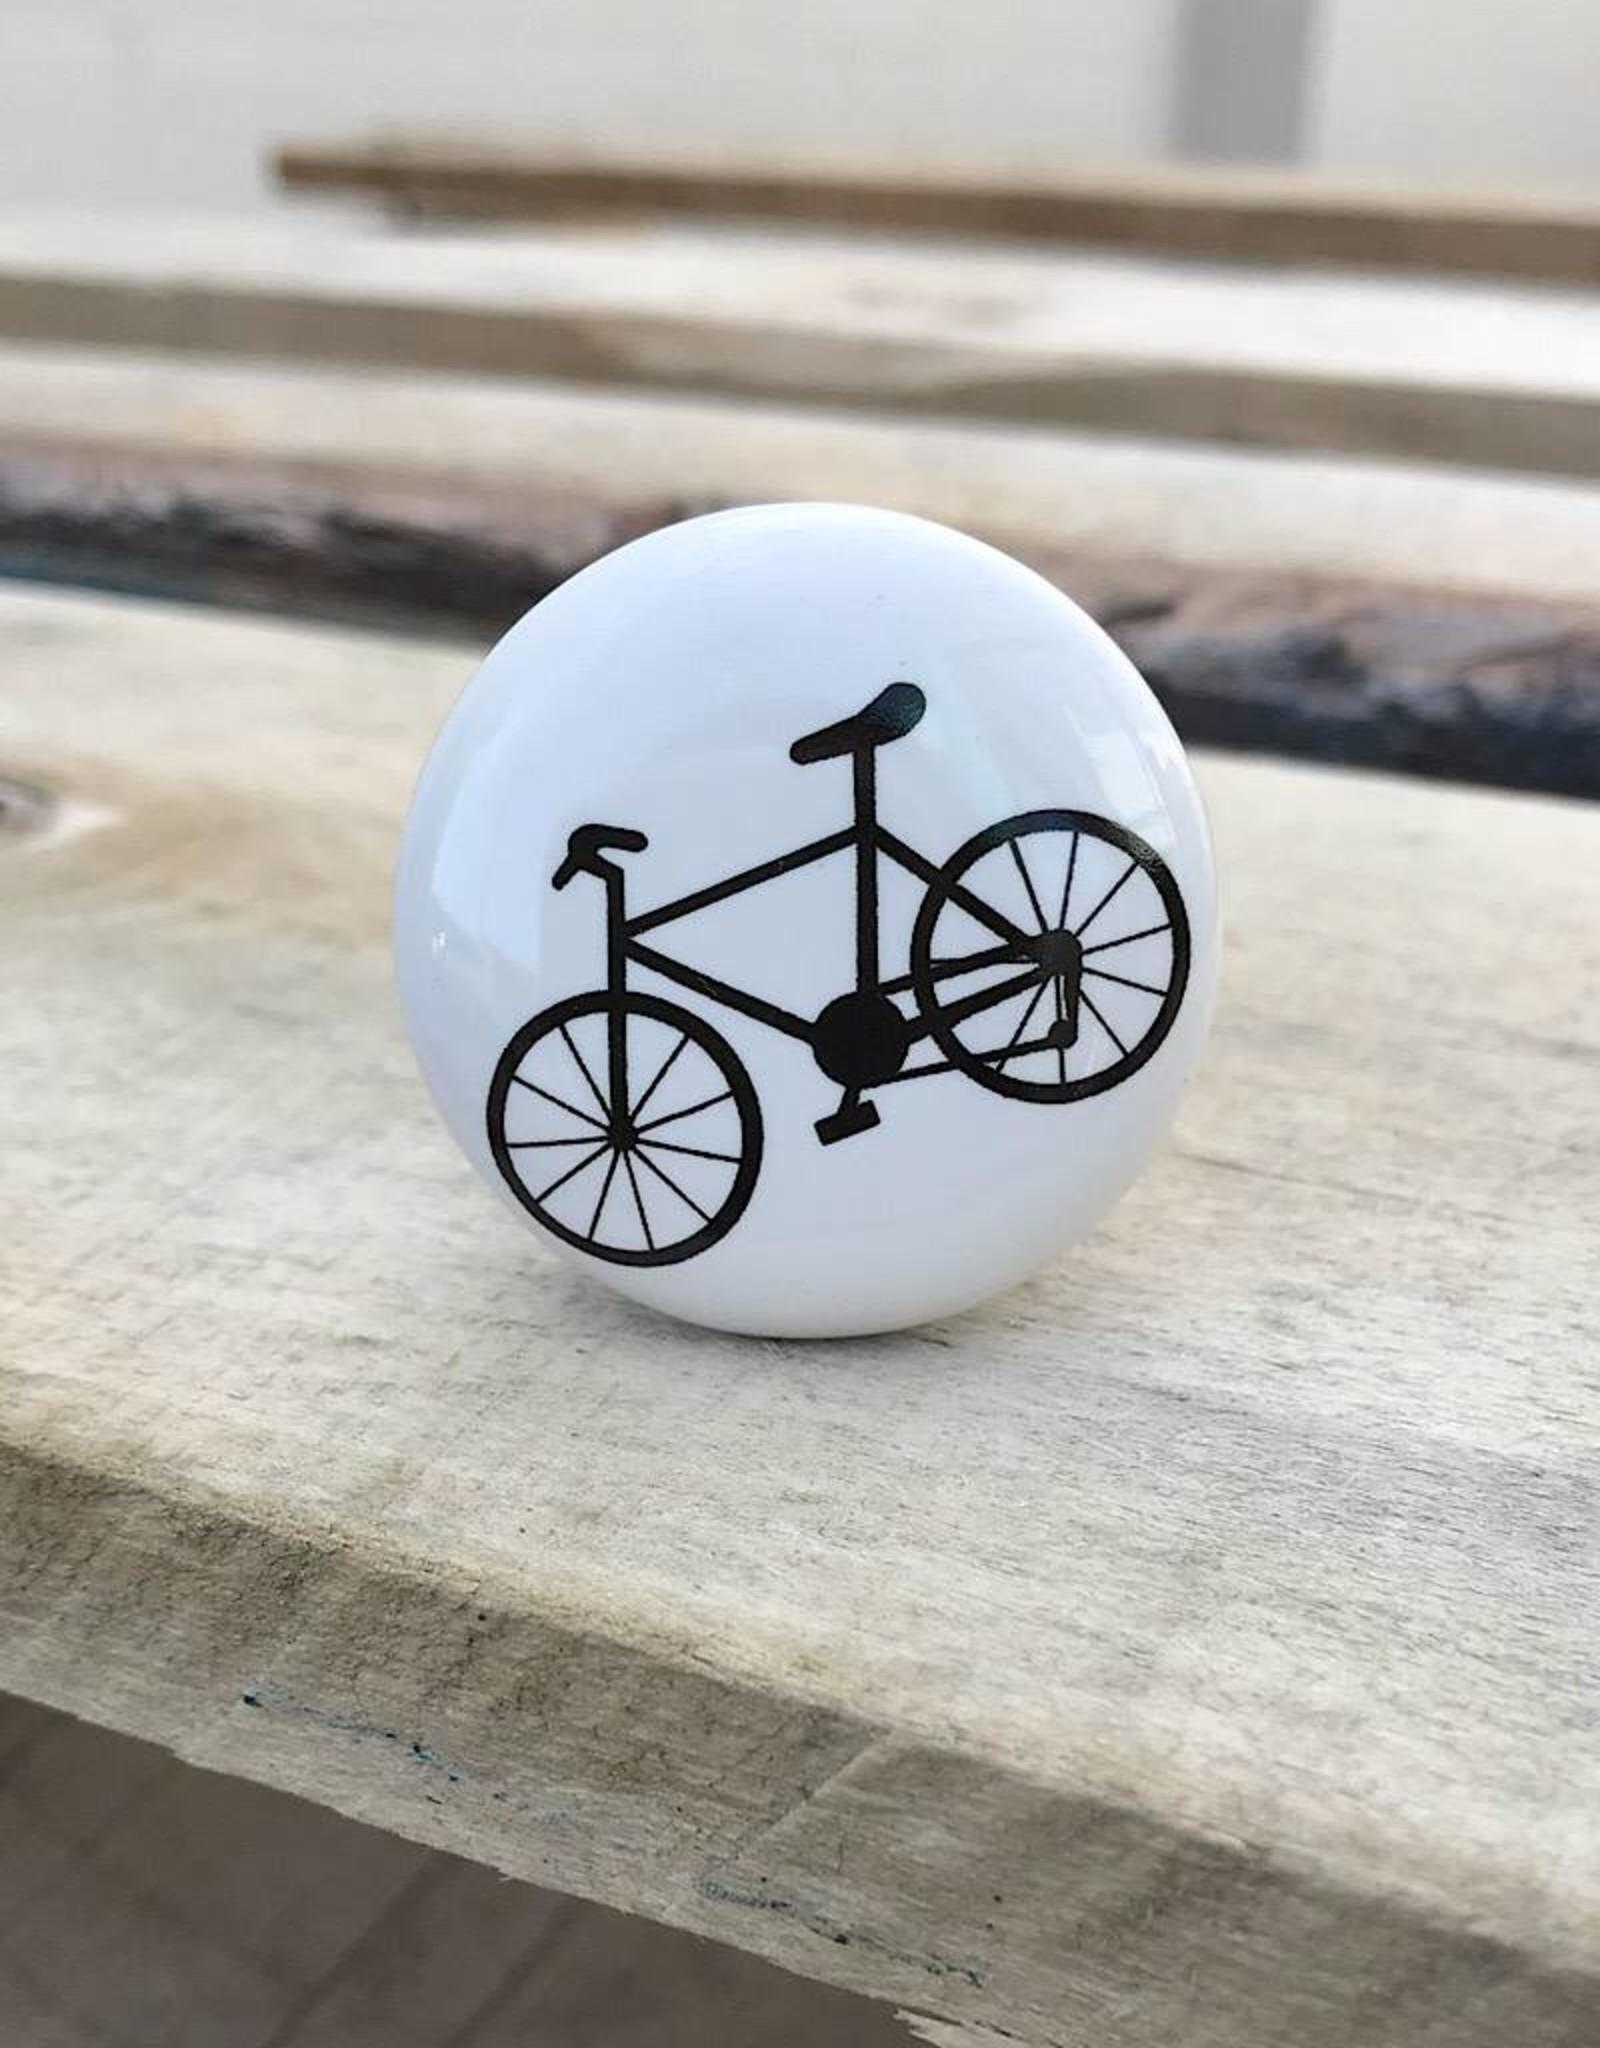 27-home/16 bike knob